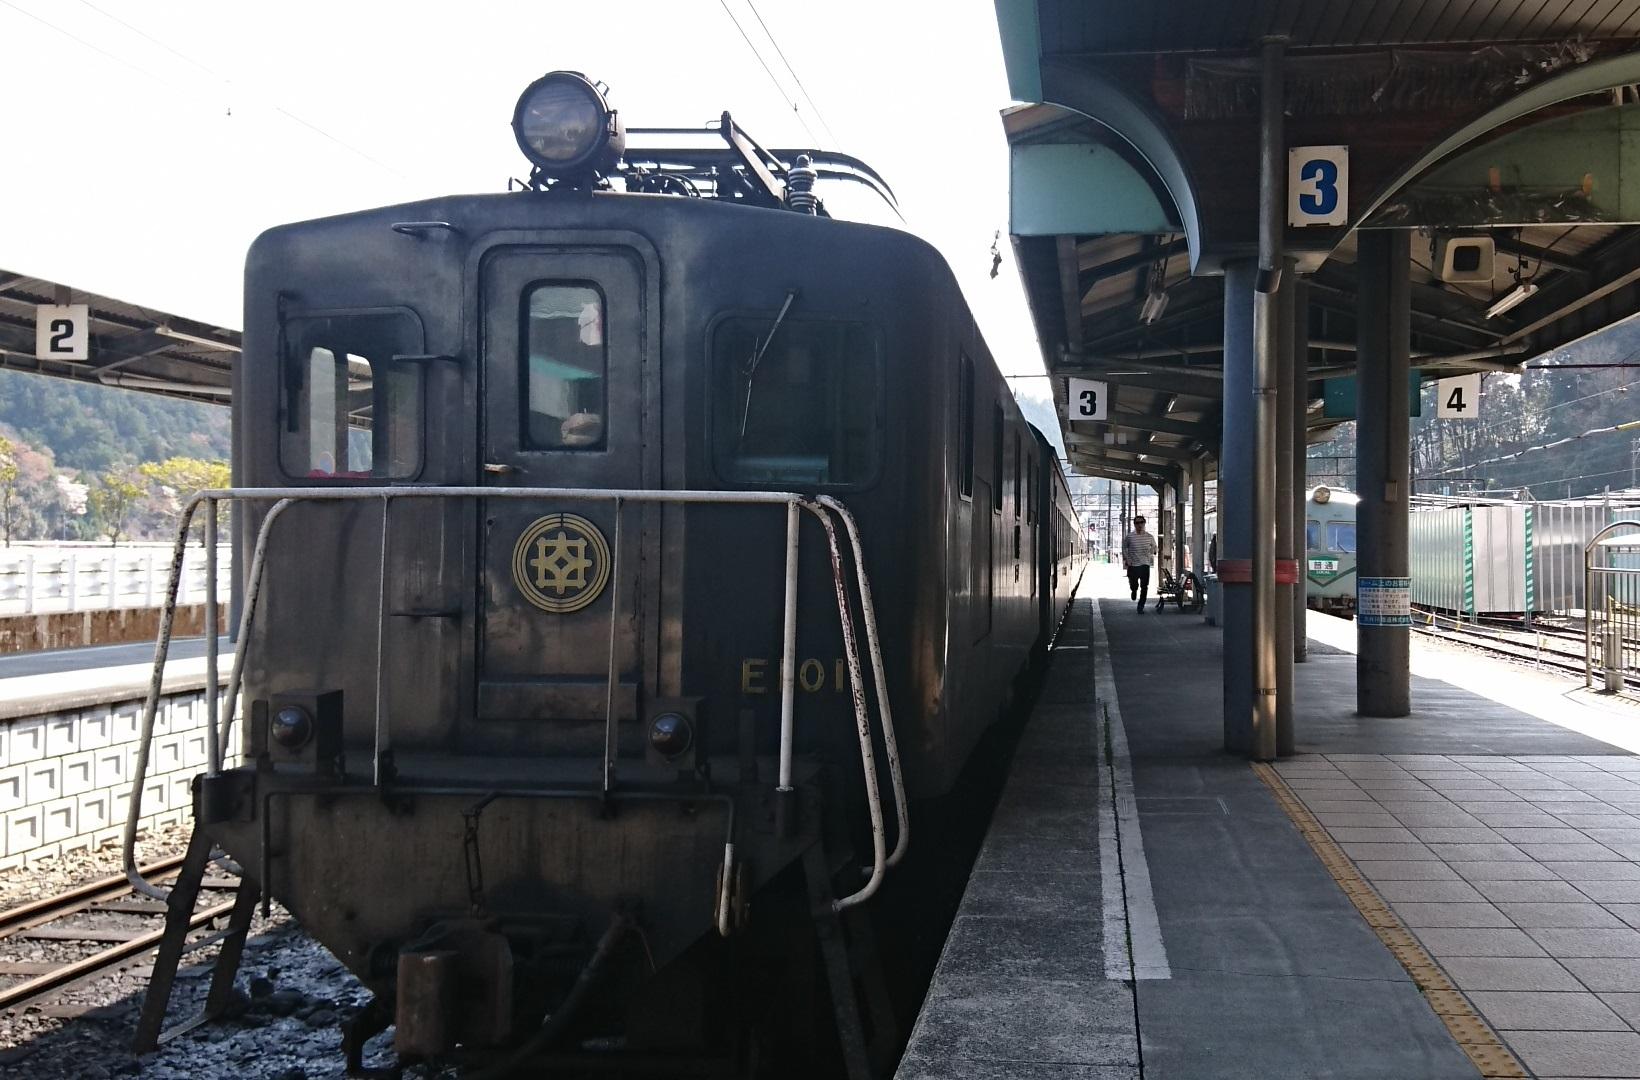 2018.3.28 かえり (34) 千頭 - 電気機関車(E101) 1640-1080